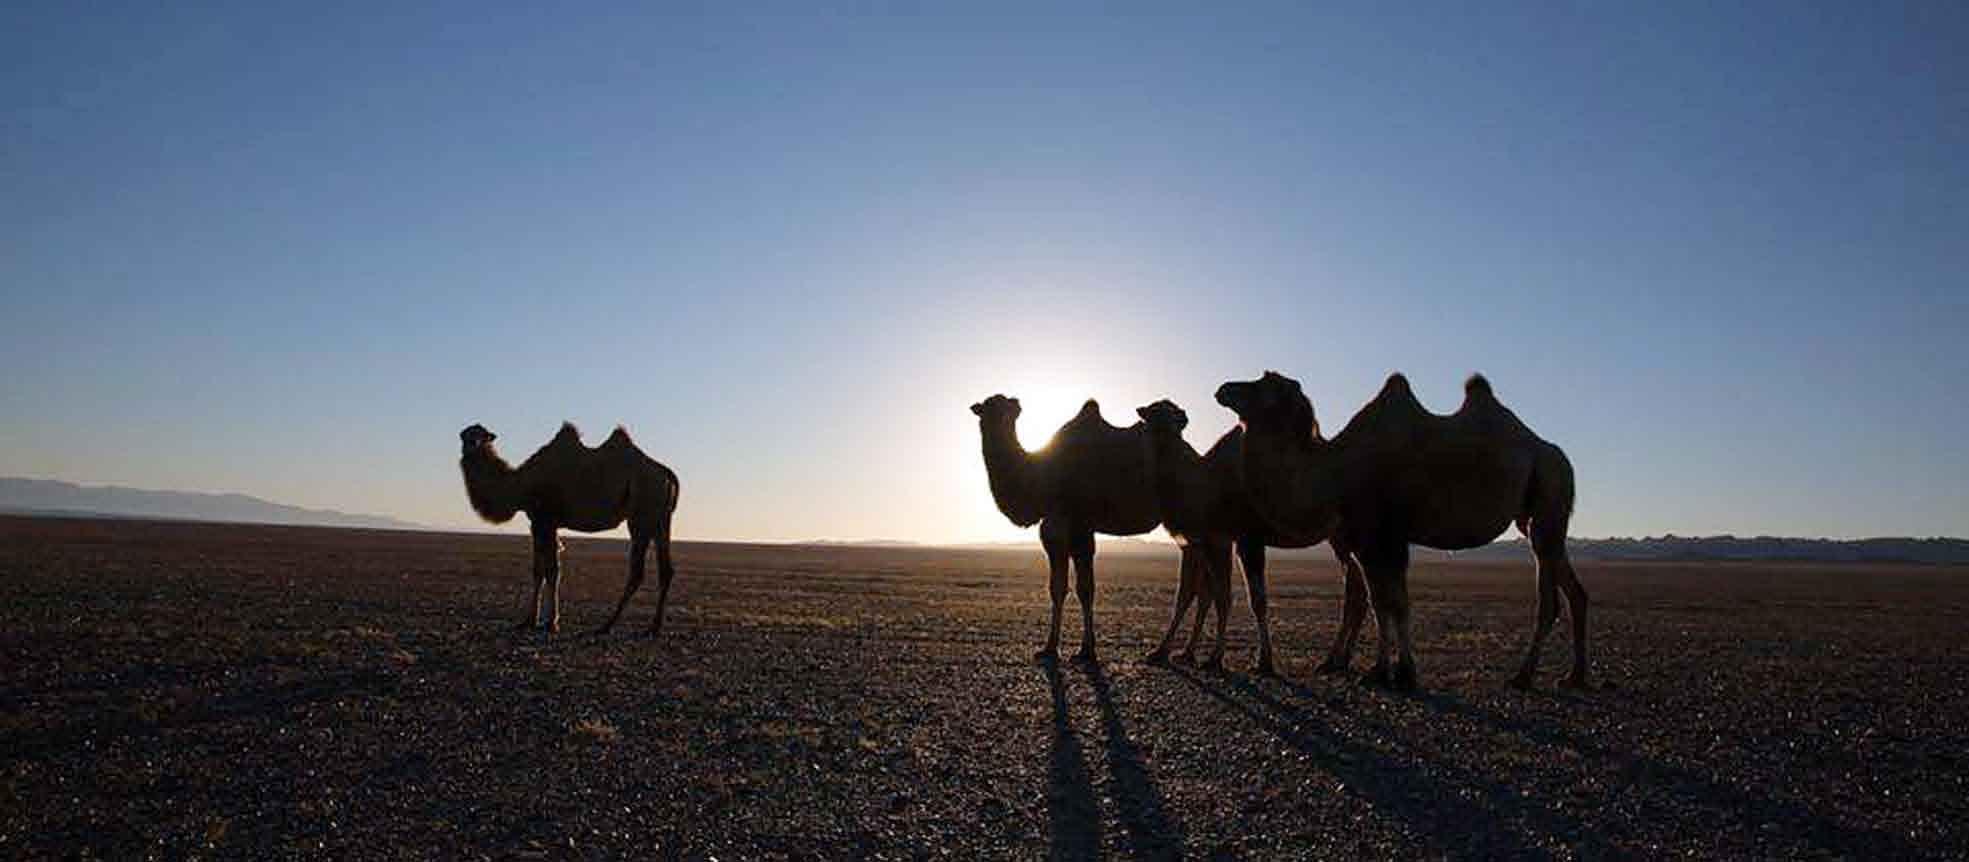 Тэмээн гөрөөс хэмээх зэрлэг ХАВТГАЙ байгаль дээр цөөрсөөр...